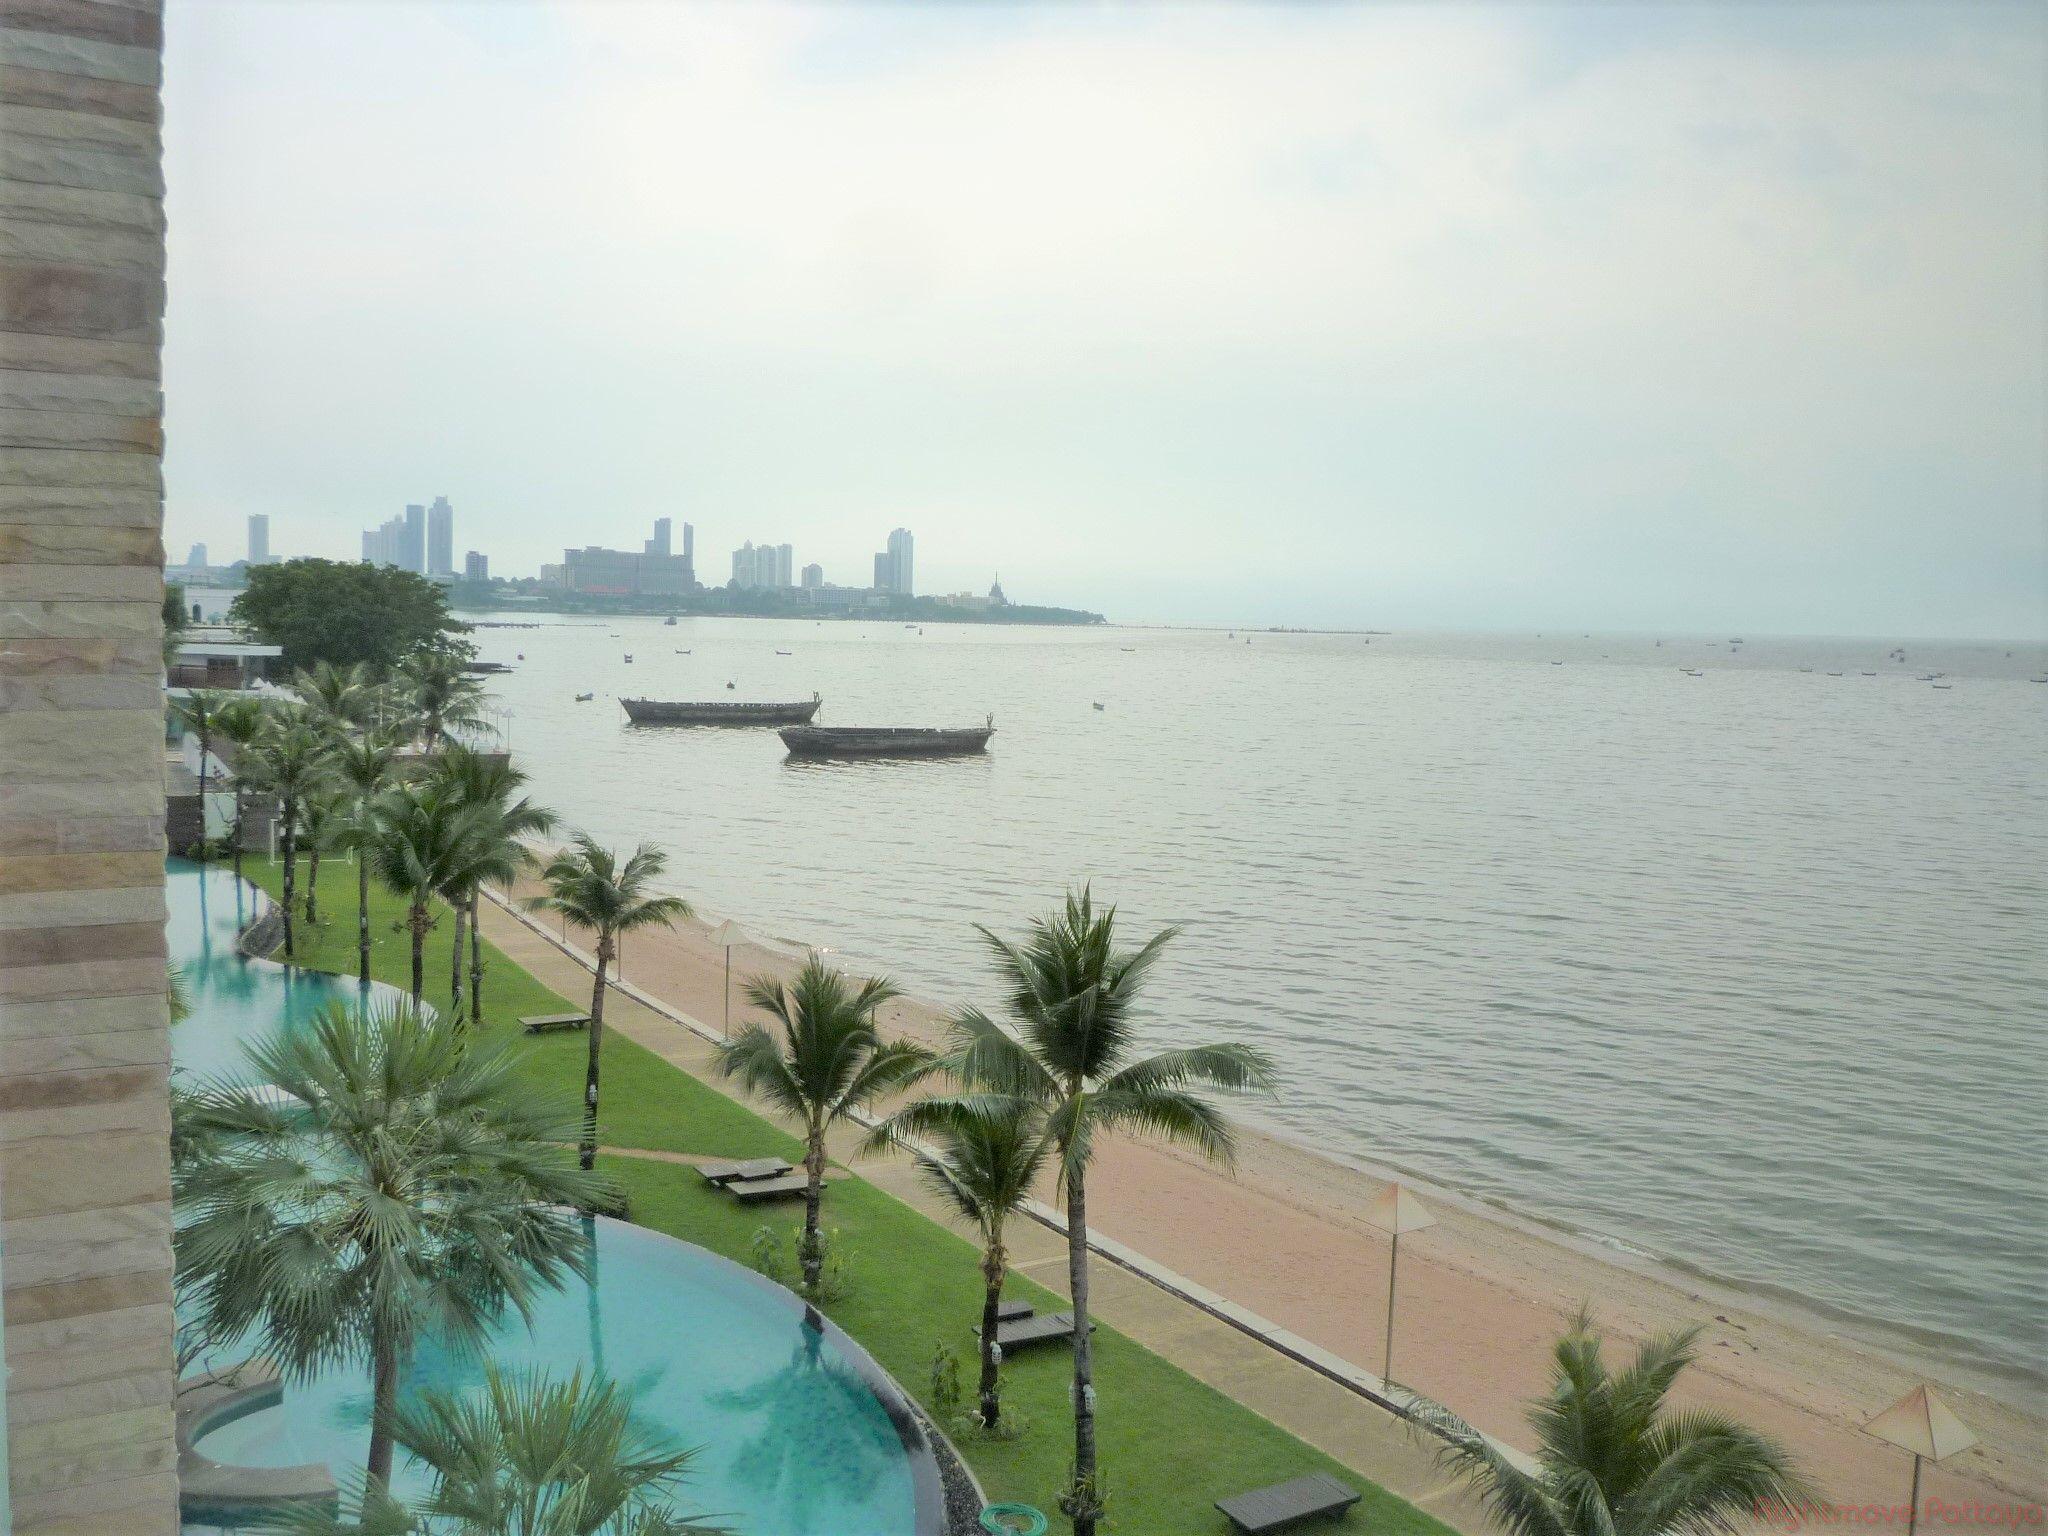 ananya beachfront condominium wongamat phases 3 & 4 zu vermieten In Wong Amat Pattaya